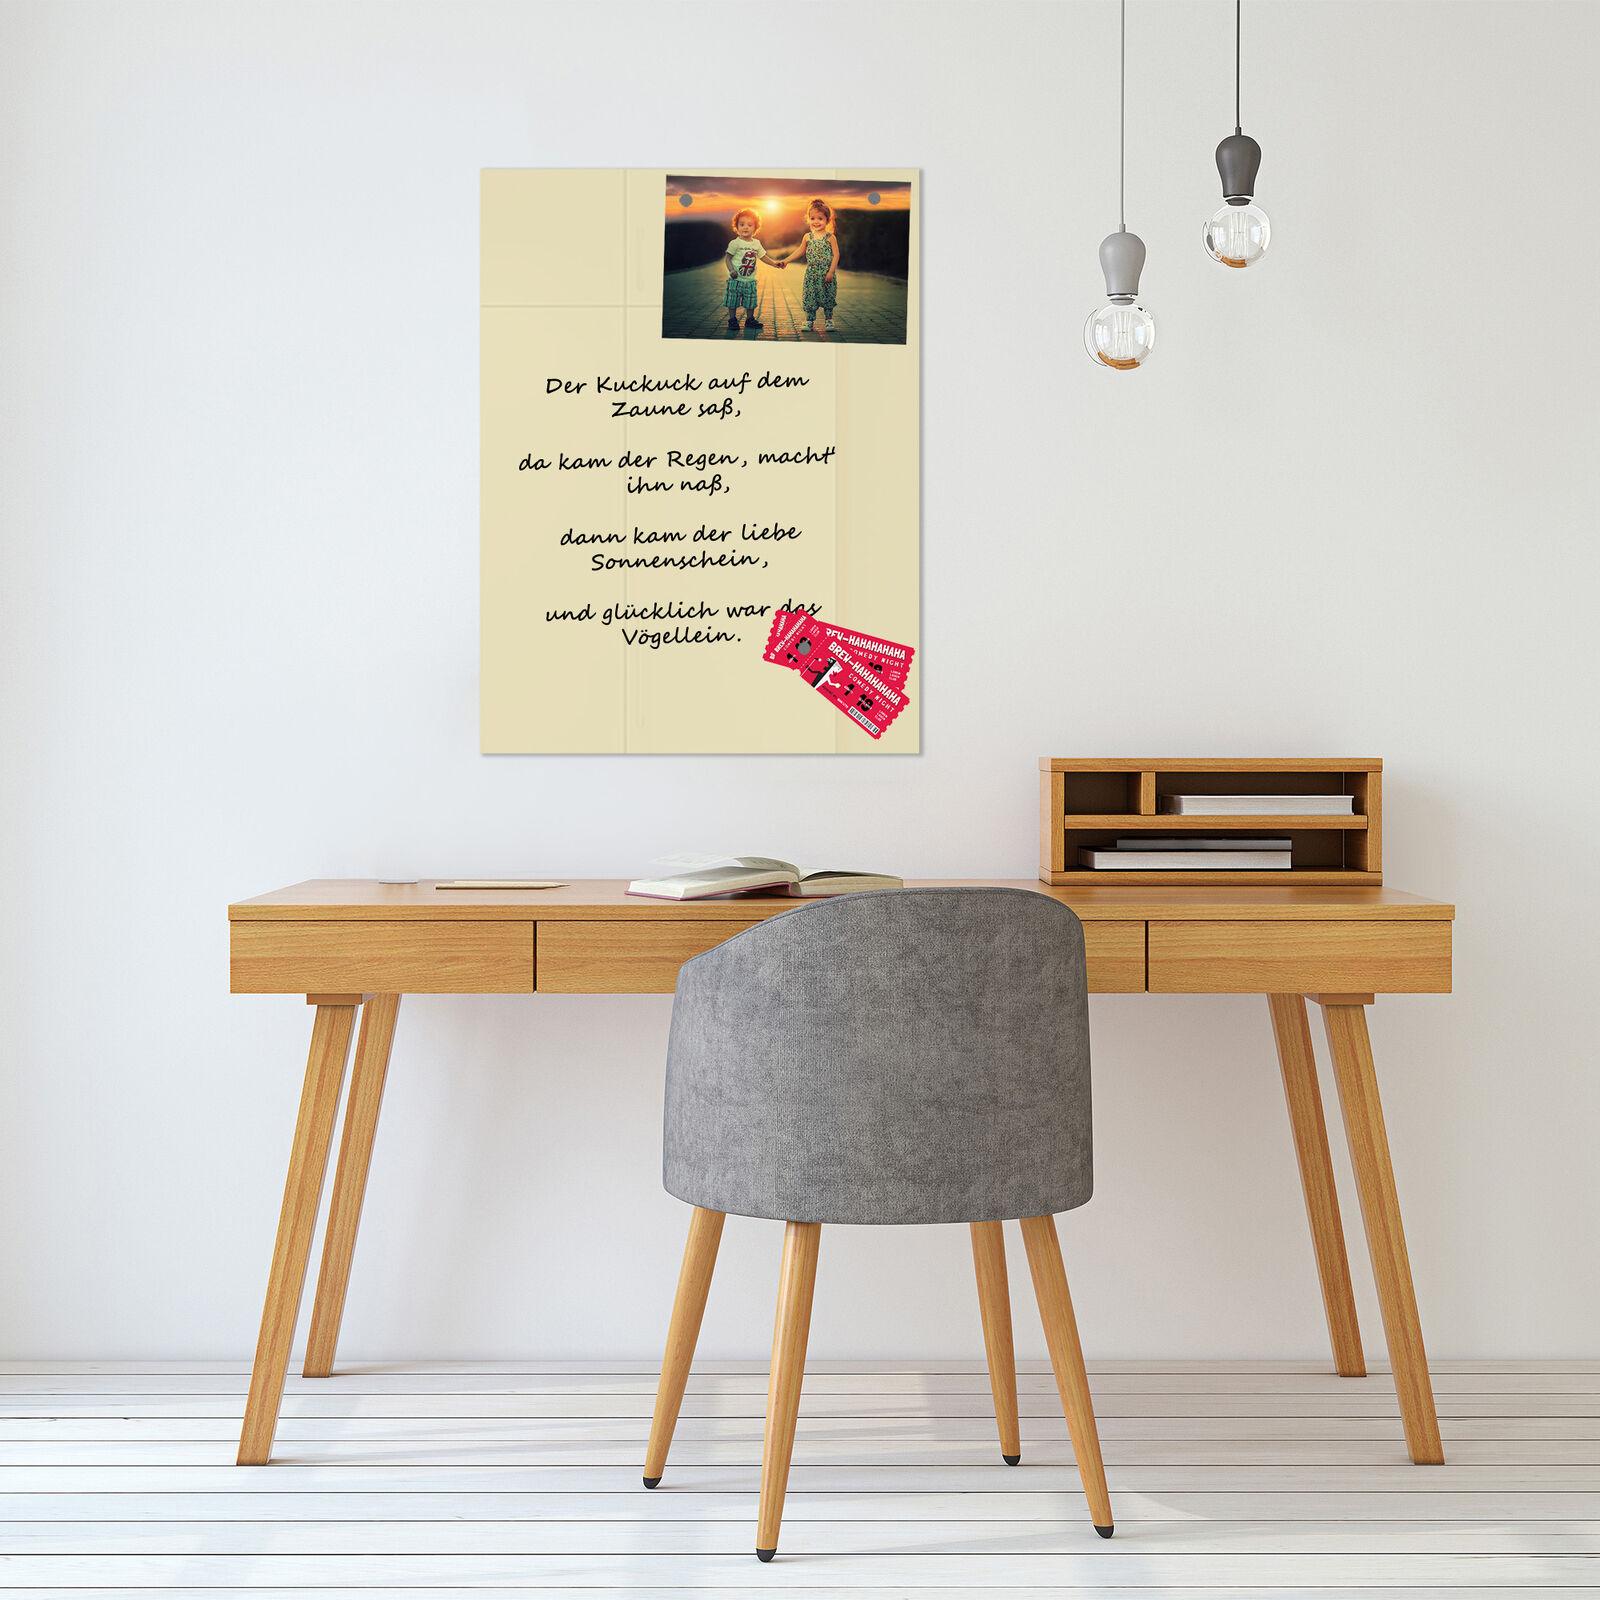 Full Size of Pinnwand Modern Küche Glas Magnettafel Beige 60x80 Wand Mit Zubehr Whiteboard Nobilia Beistelltisch Finanzieren Betonoptik Komplette Miniküche Landhausküche Wohnzimmer Pinnwand Modern Küche